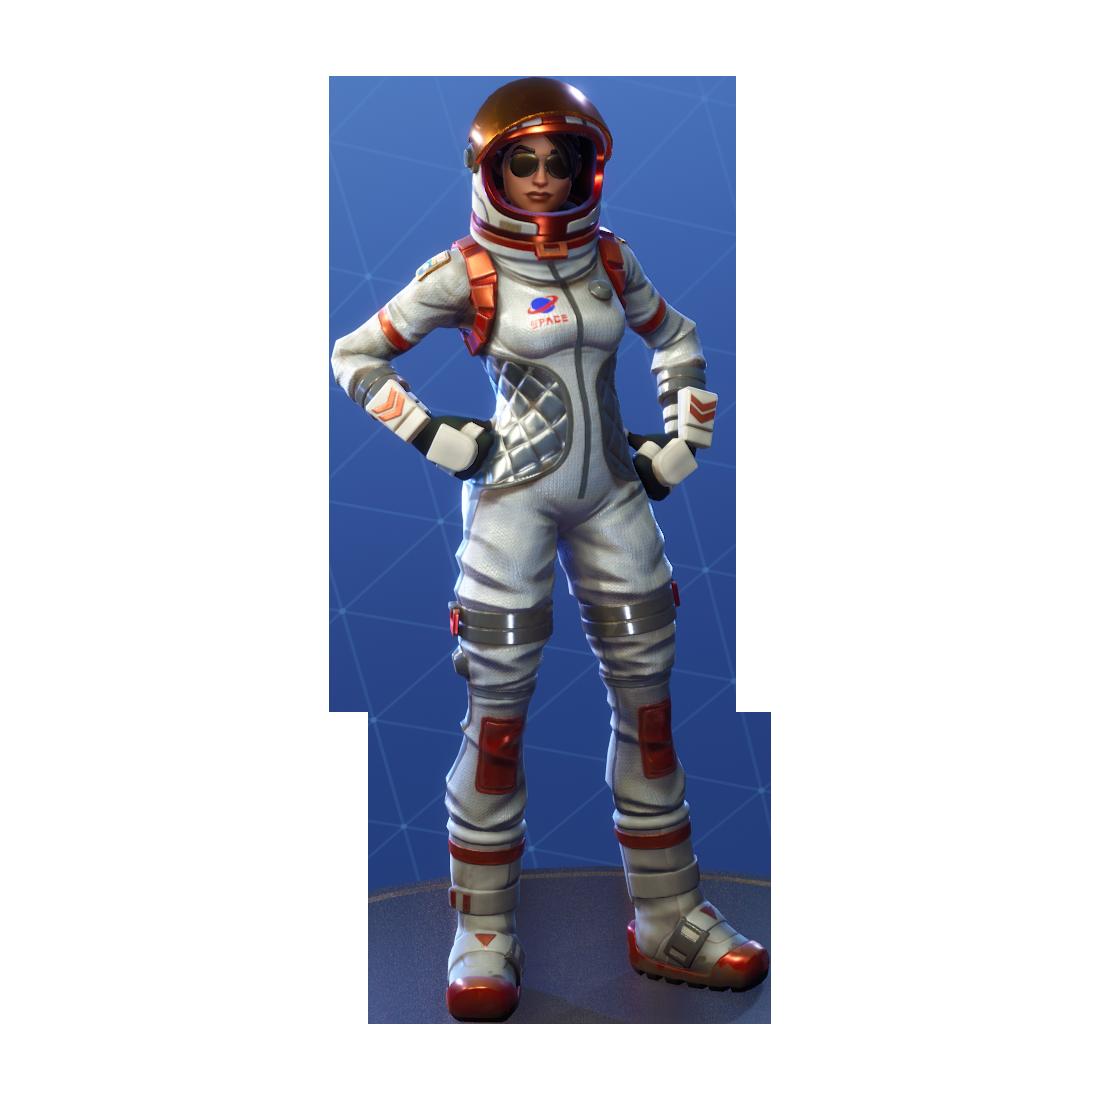 Moonwalker - Moonwalker (Лунная программа)